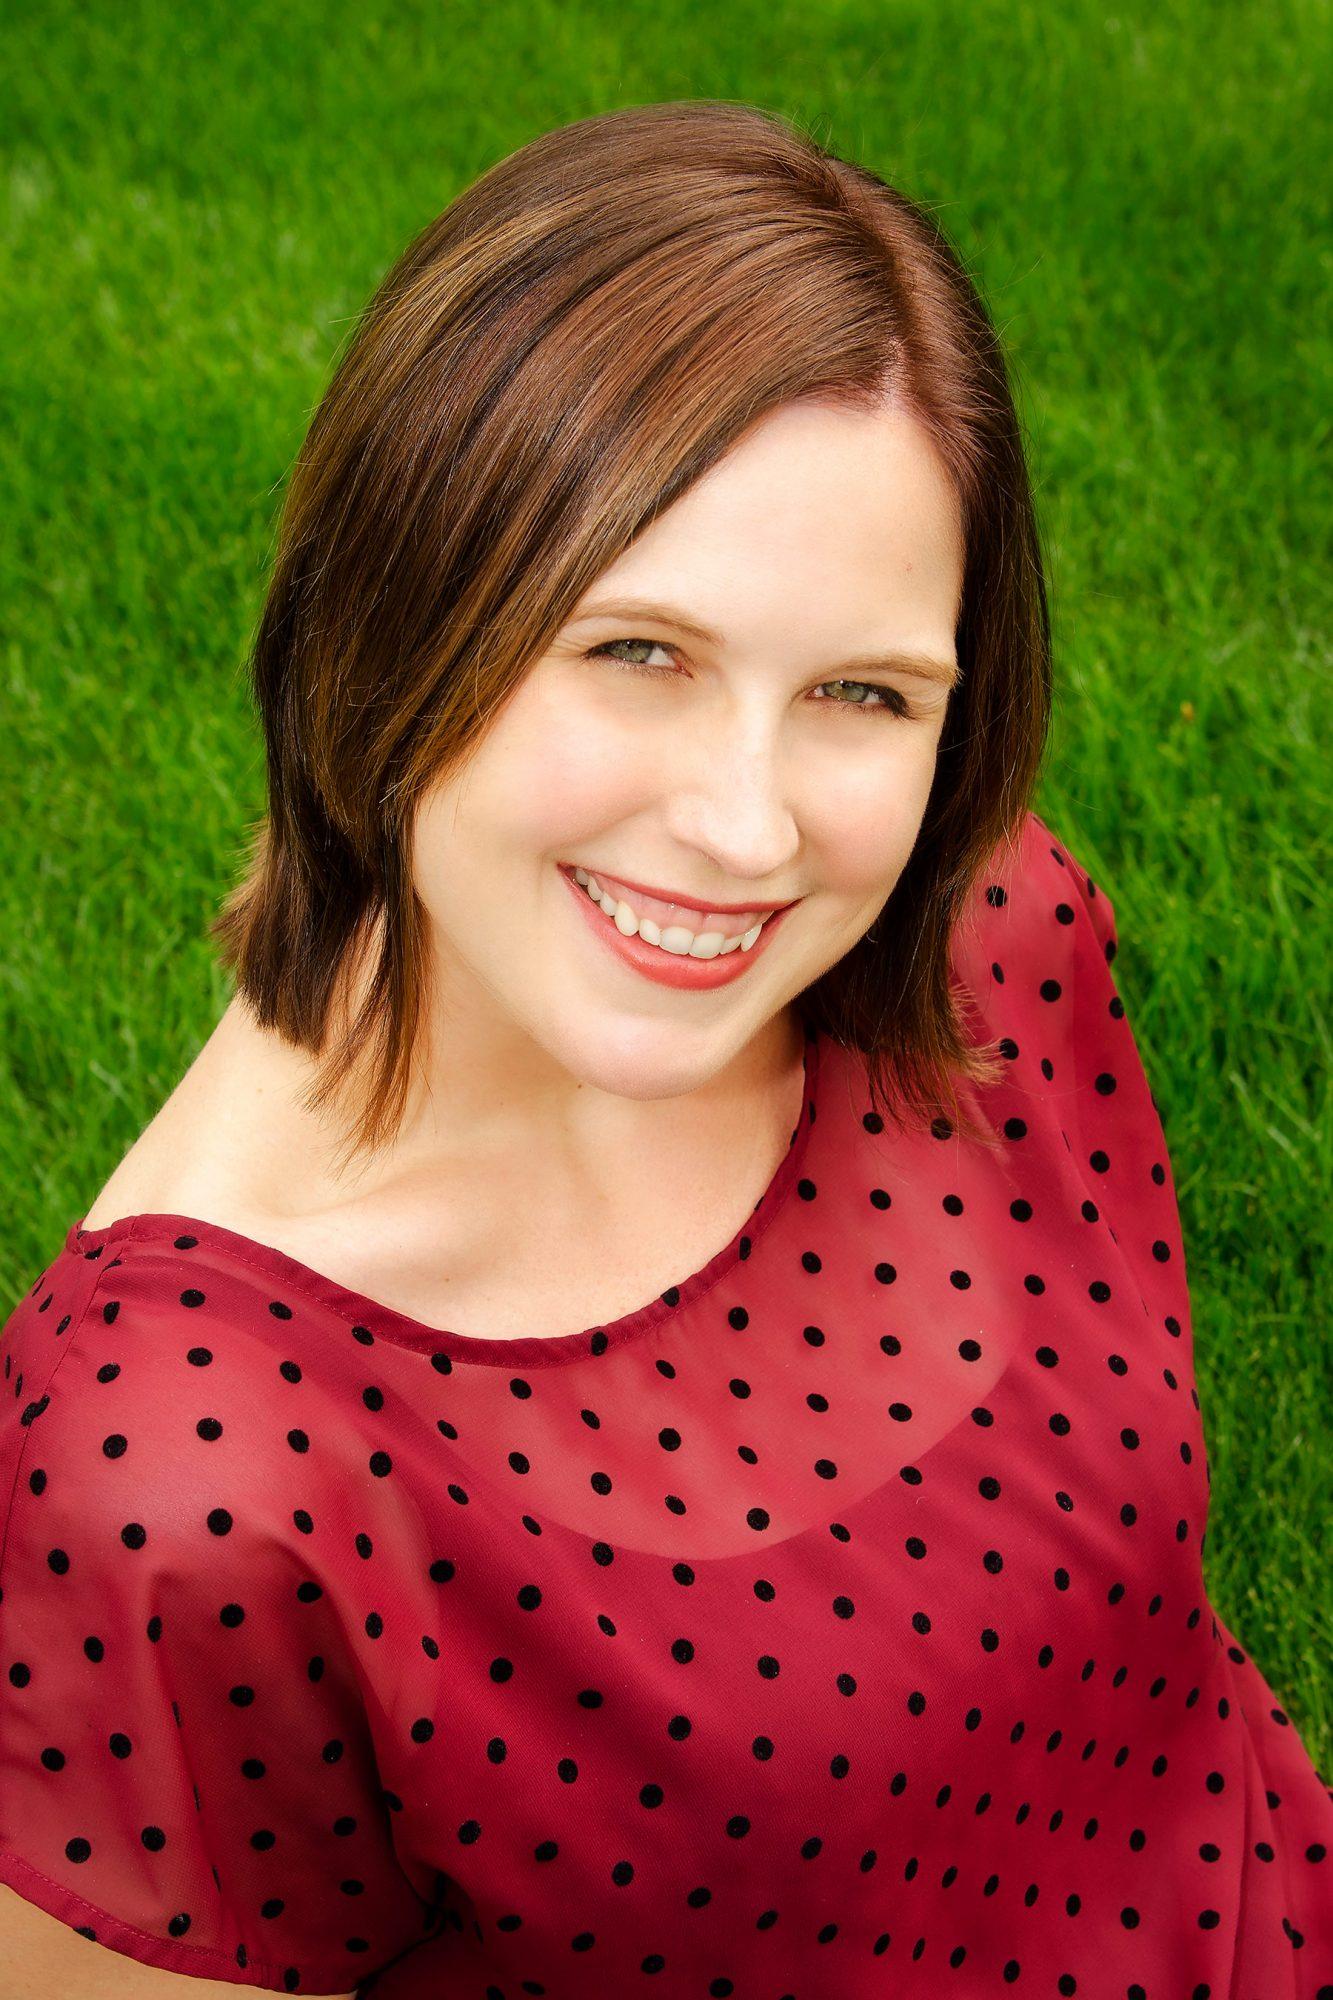 marissa-meyer-julia-scott-headshot